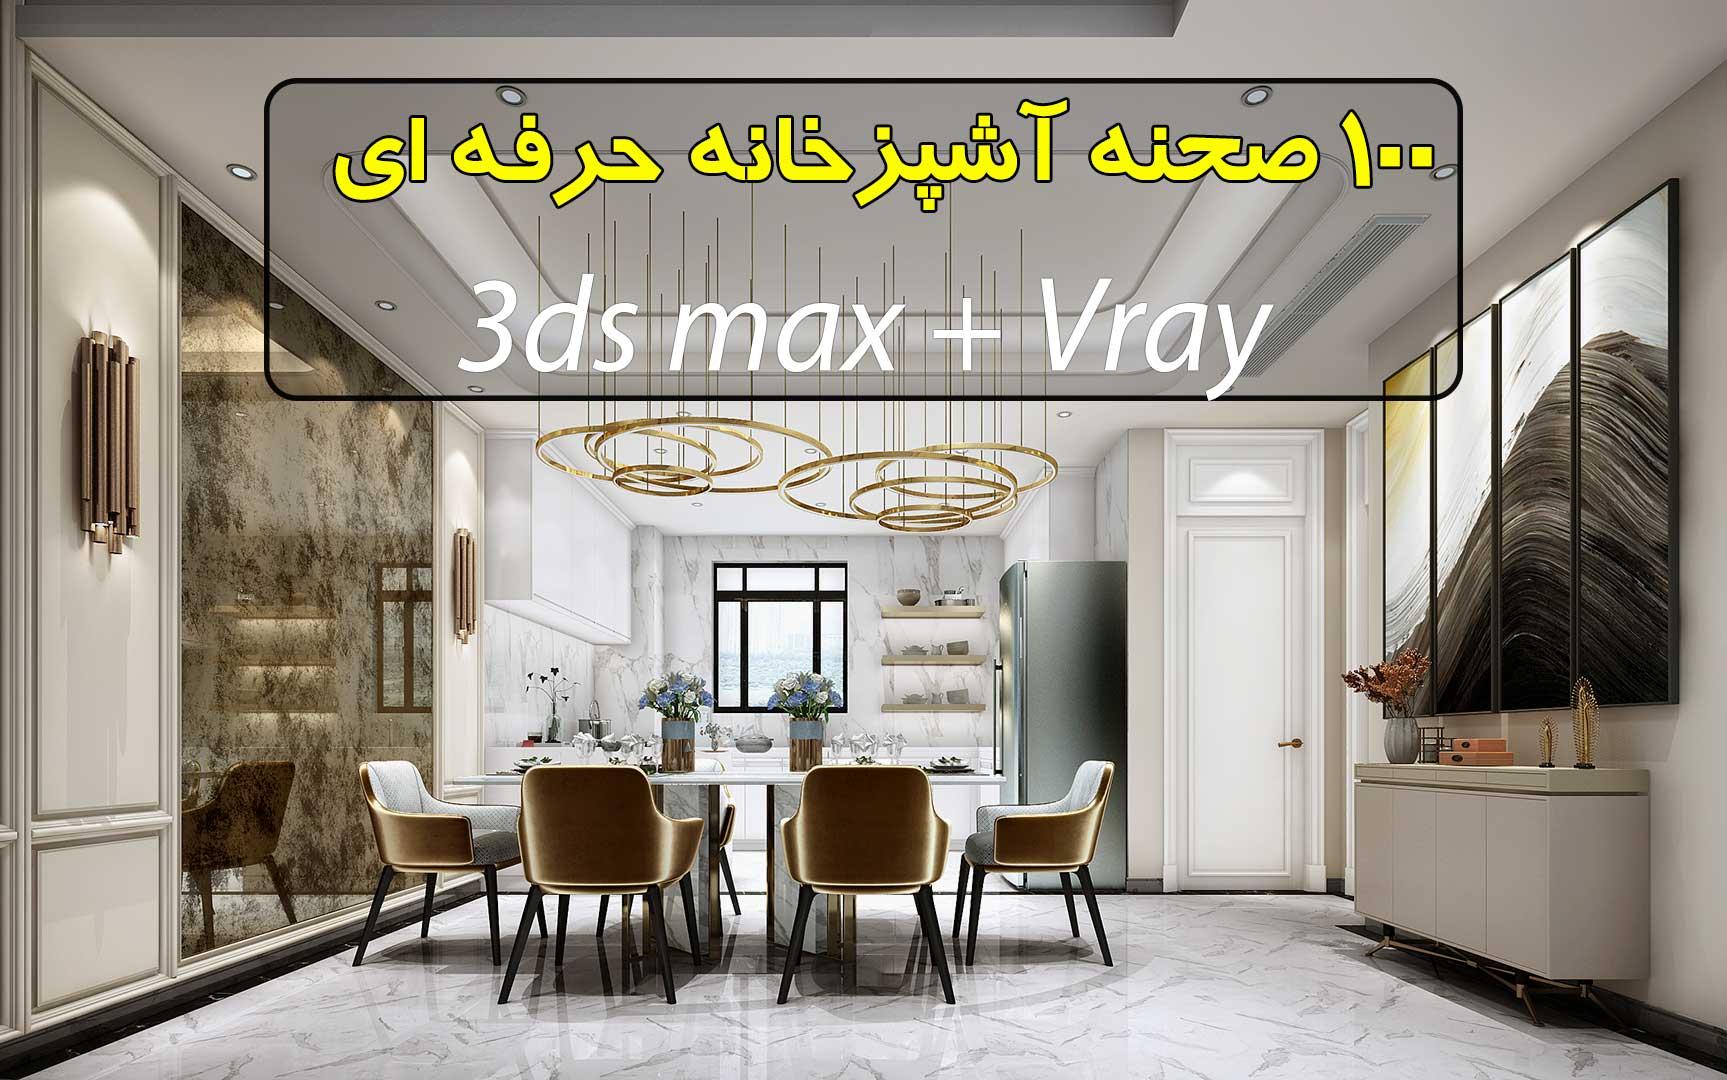 مجموعه 100 صحنه سه بعدی آشپزخانه تری دی مکس ویری ( فوق حرفه ای)